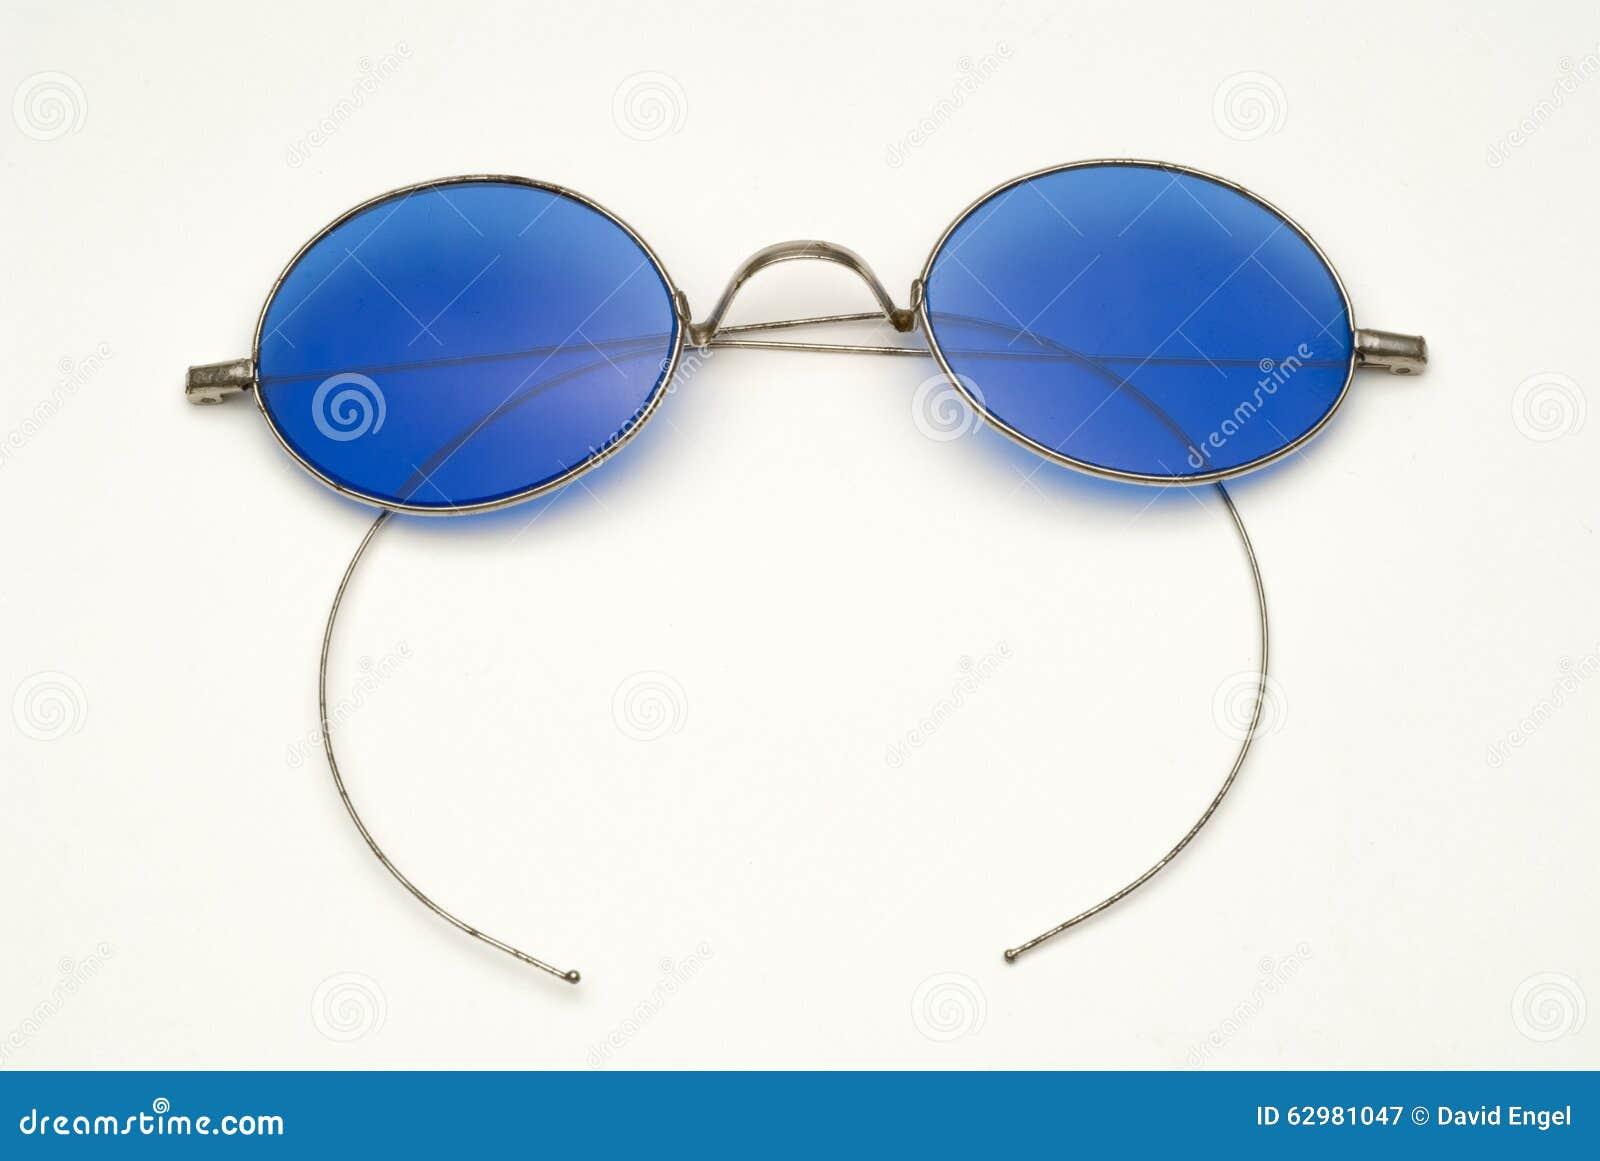 Antike Brillen Mit Blauen Linsen Und Draht-Rahmen Stockbild - Bild ...